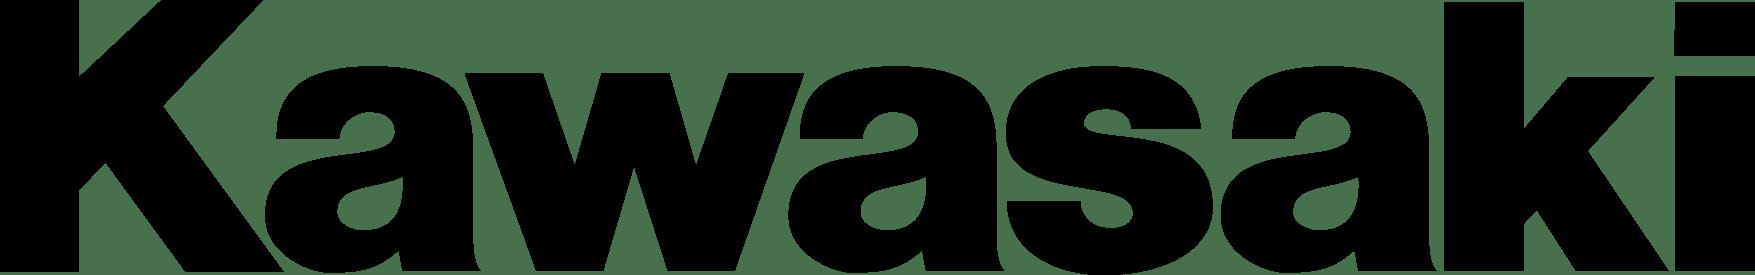 Kawasaki Motorcycles Logo [Kawasaki.com] png